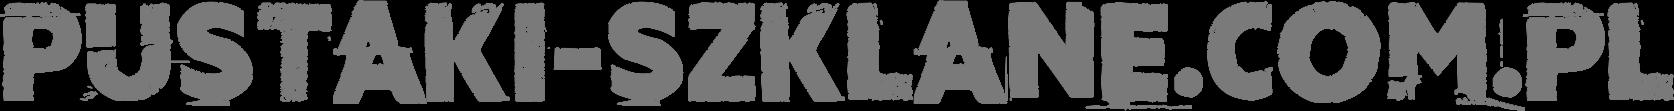 Pustaki Szklane | Luksfery | Sklep